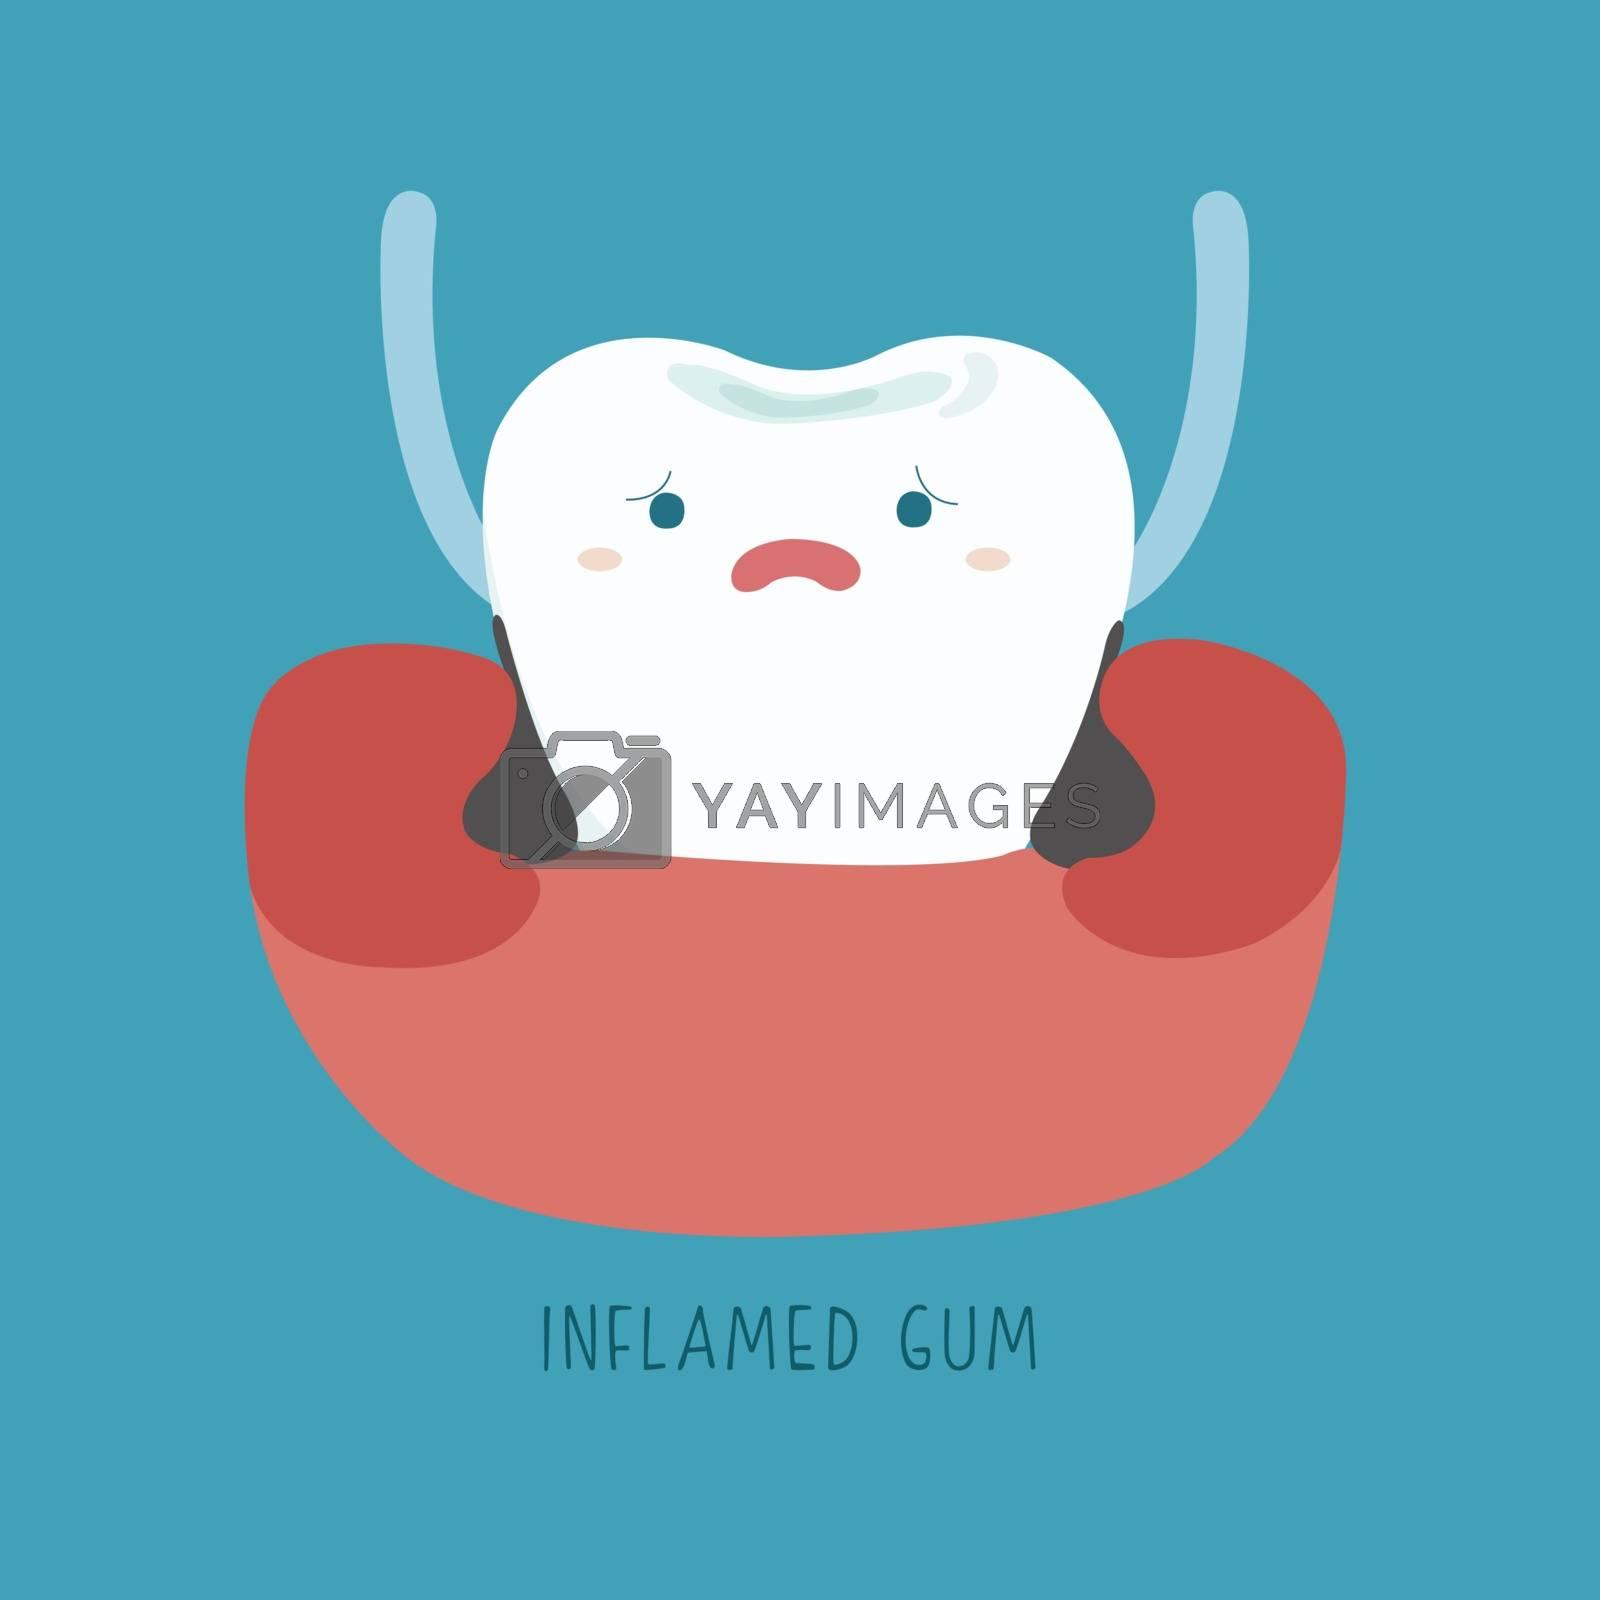 Inflamed gum of dental Illustrator